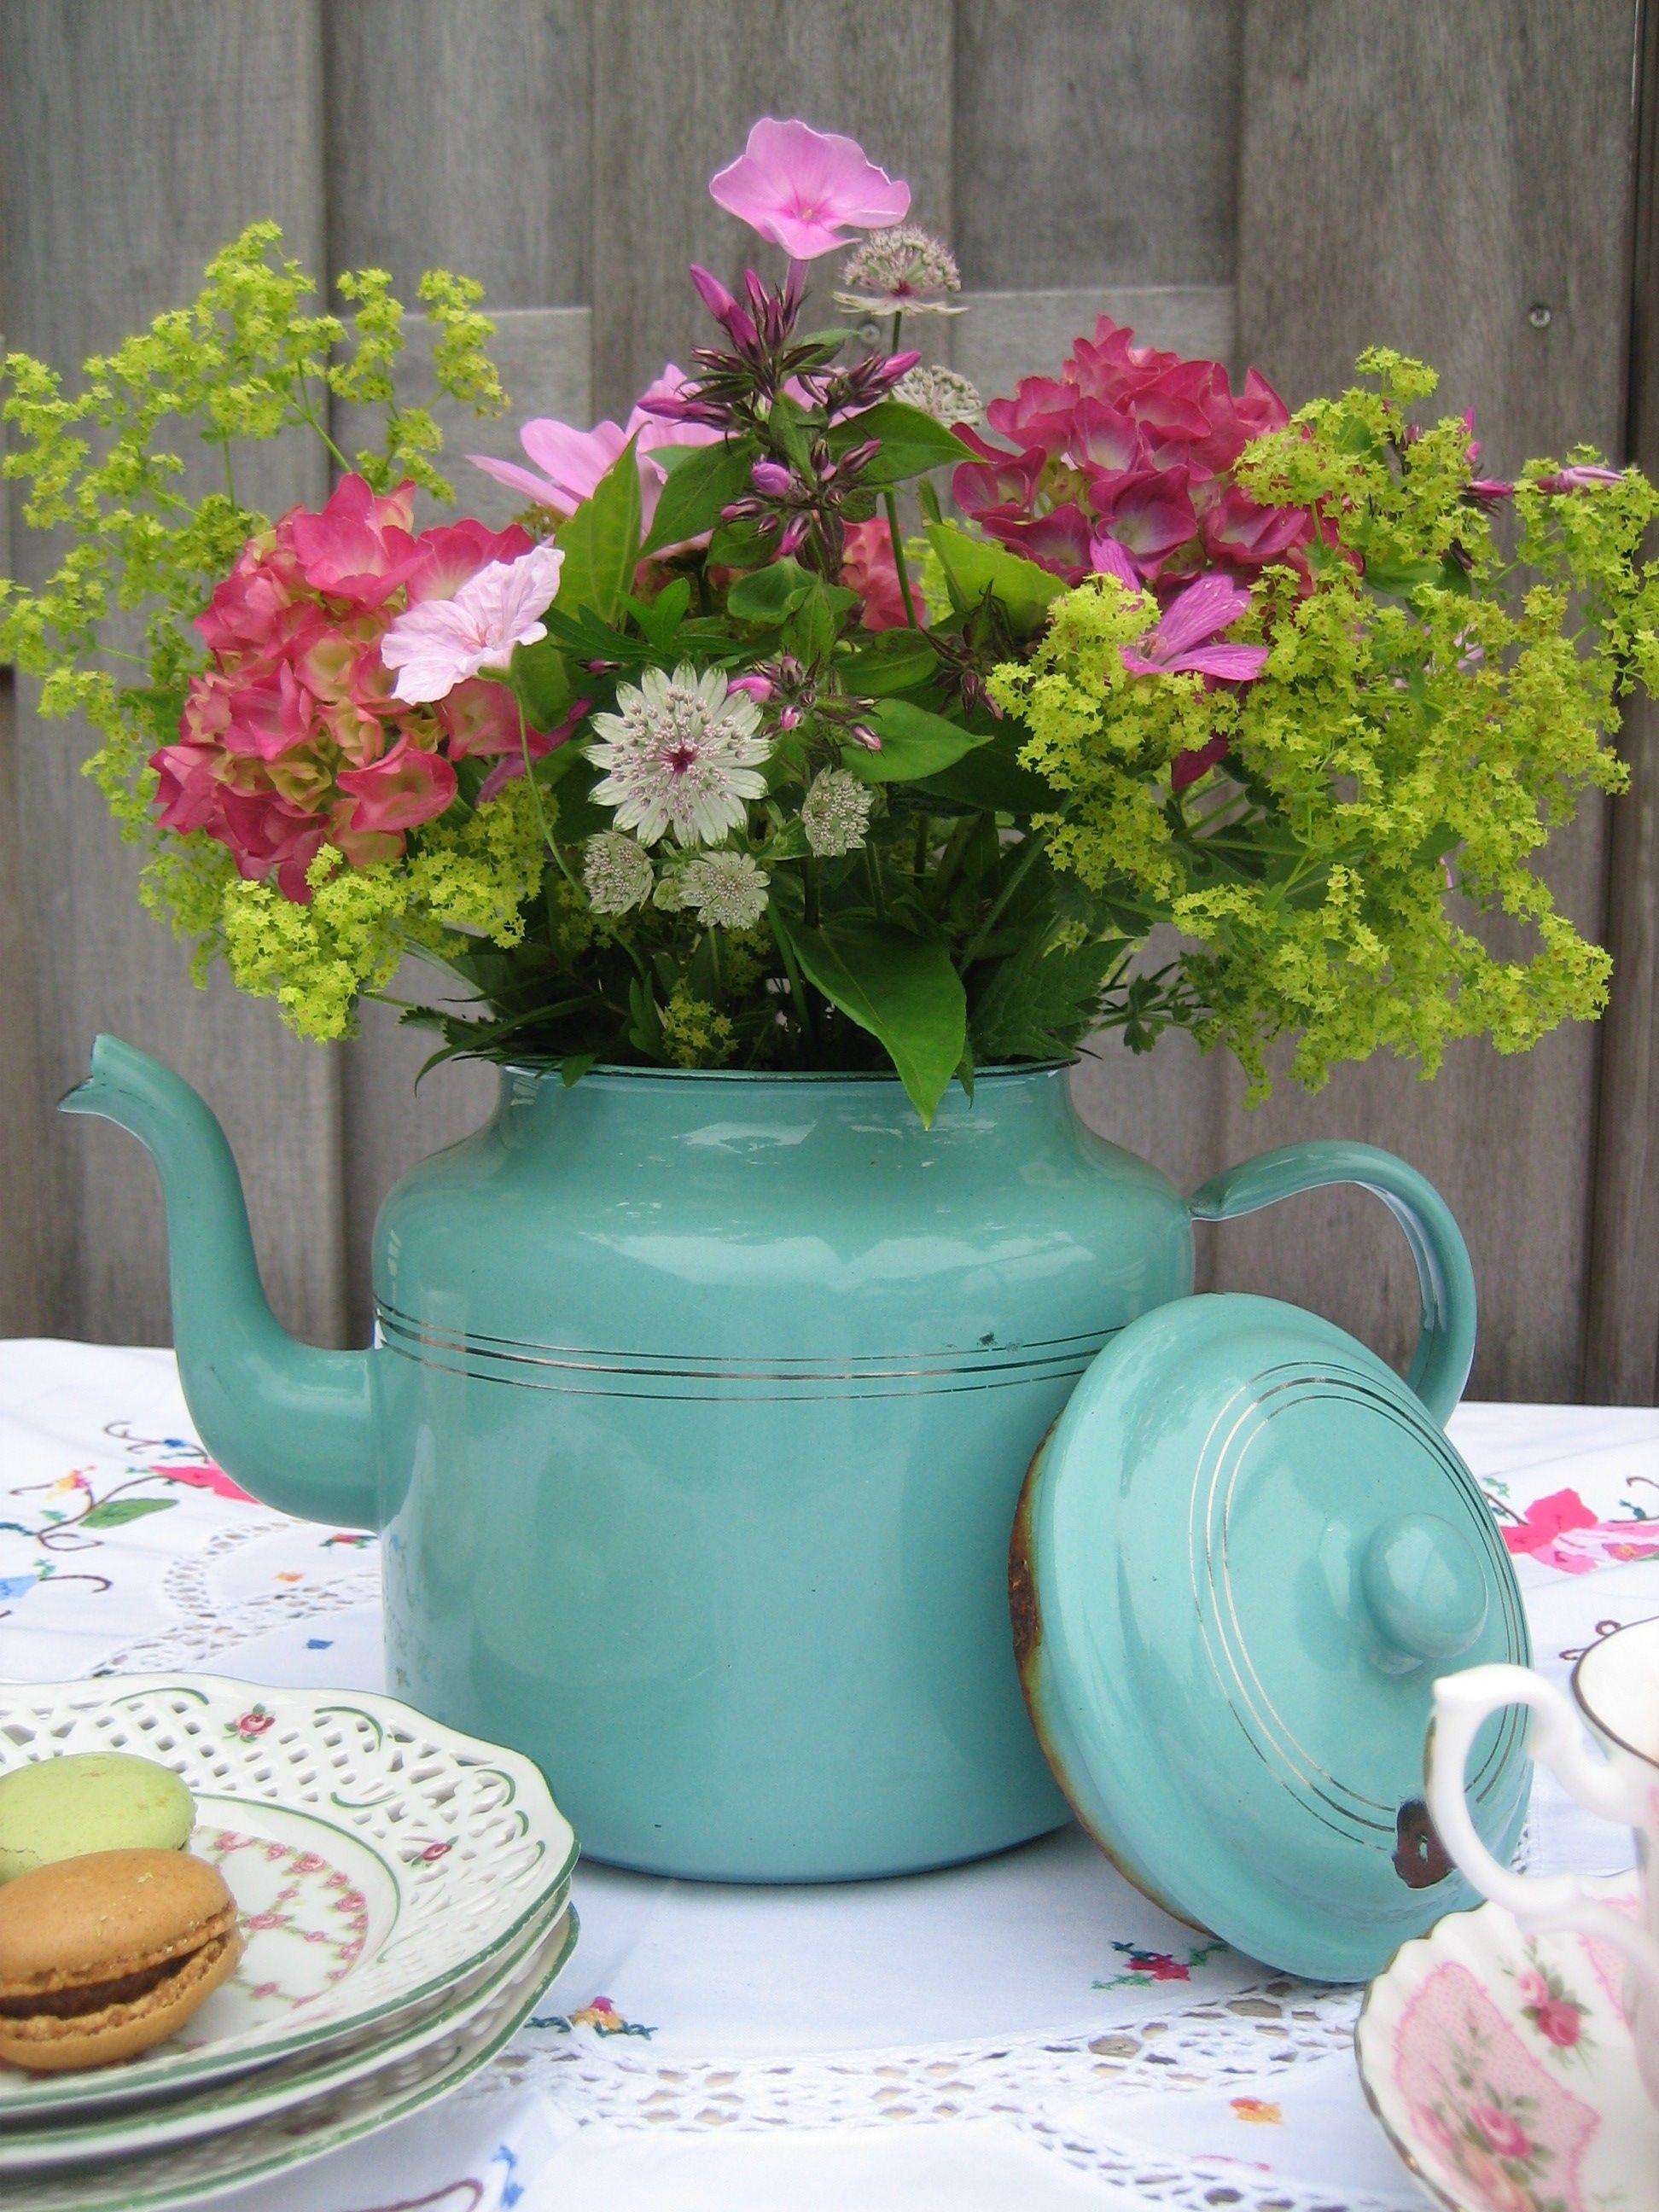 इस फूल को भी आप आसानी से अपने घर में लगा सकते हैं।